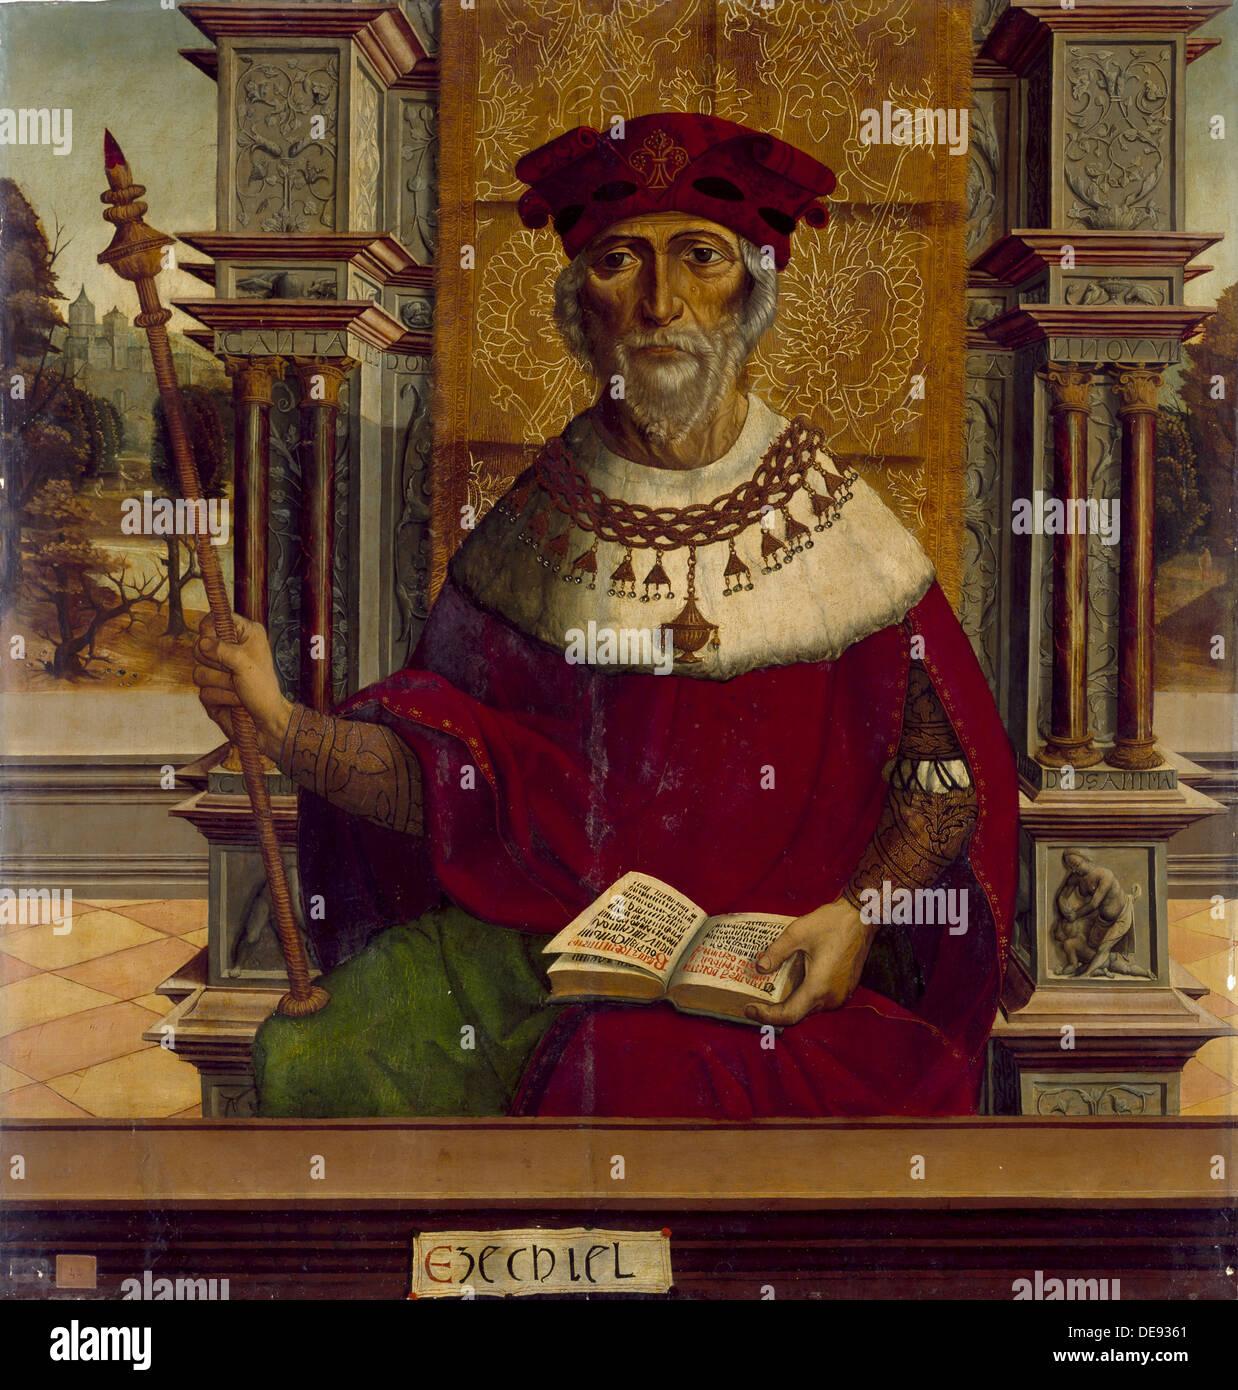 The Prophet Ezekiel, c. 1525. Artist: Maestro de Becerril (active Early 16th-century) - Stock Image